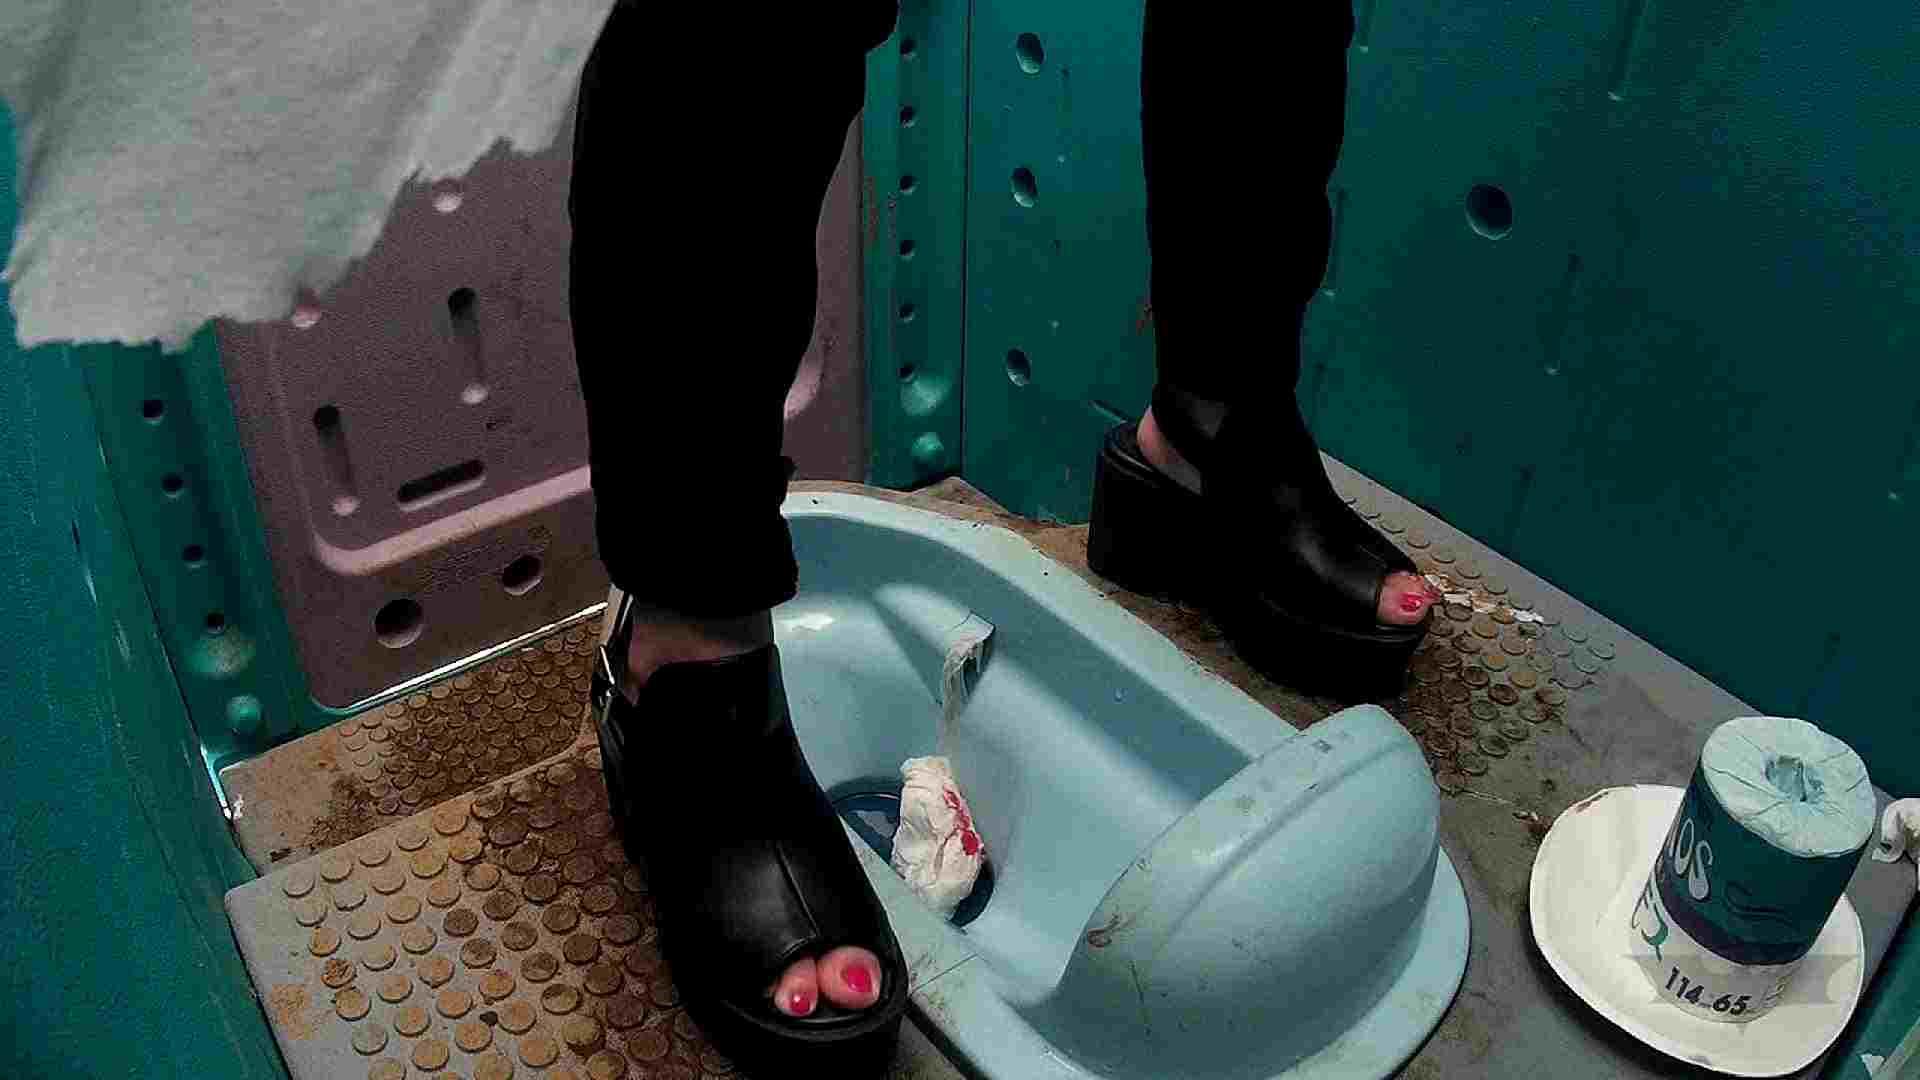 痴態洗面所 Vol.06 中が「マジヤバいヨネ!」洗面所 エッチすぎるOL達 | 洗面所  58連発 17